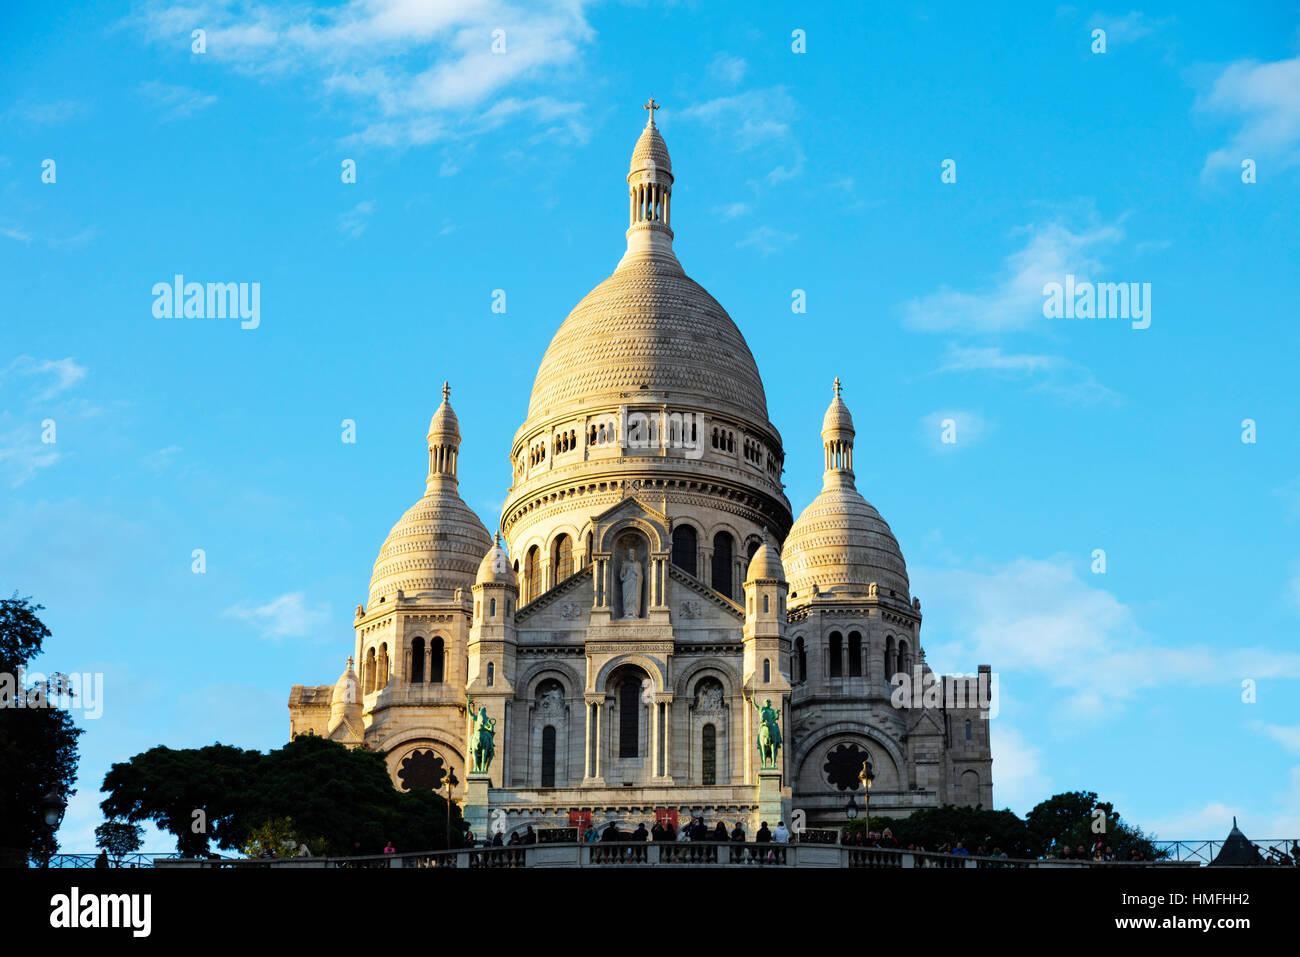 Sacre Coeur Basilica, Montmartre, Paris, France - Stock Image